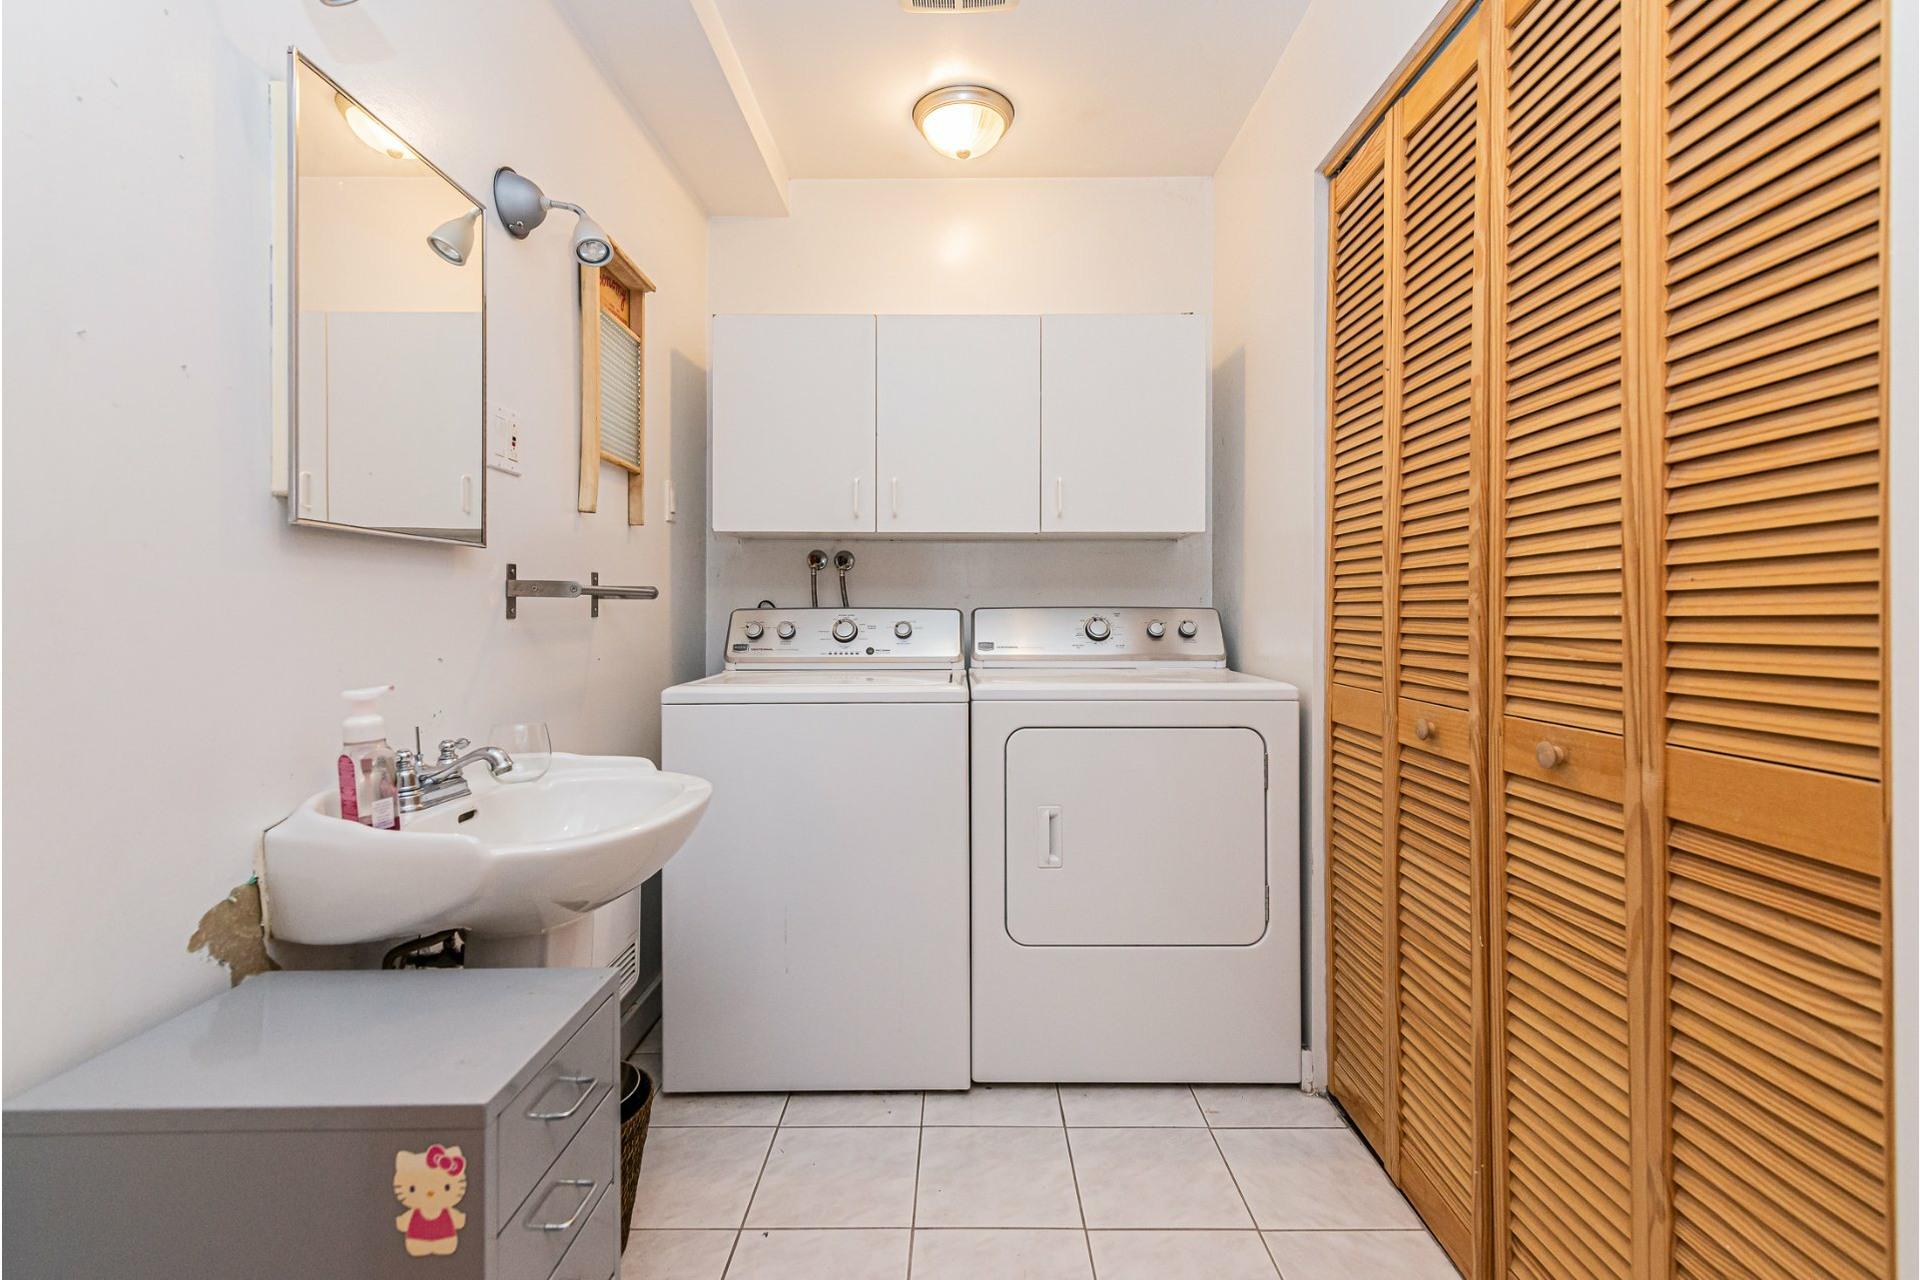 image 19 - Duplex À vendre Côte-des-Neiges/Notre-Dame-de-Grâce Montréal  - 5 pièces